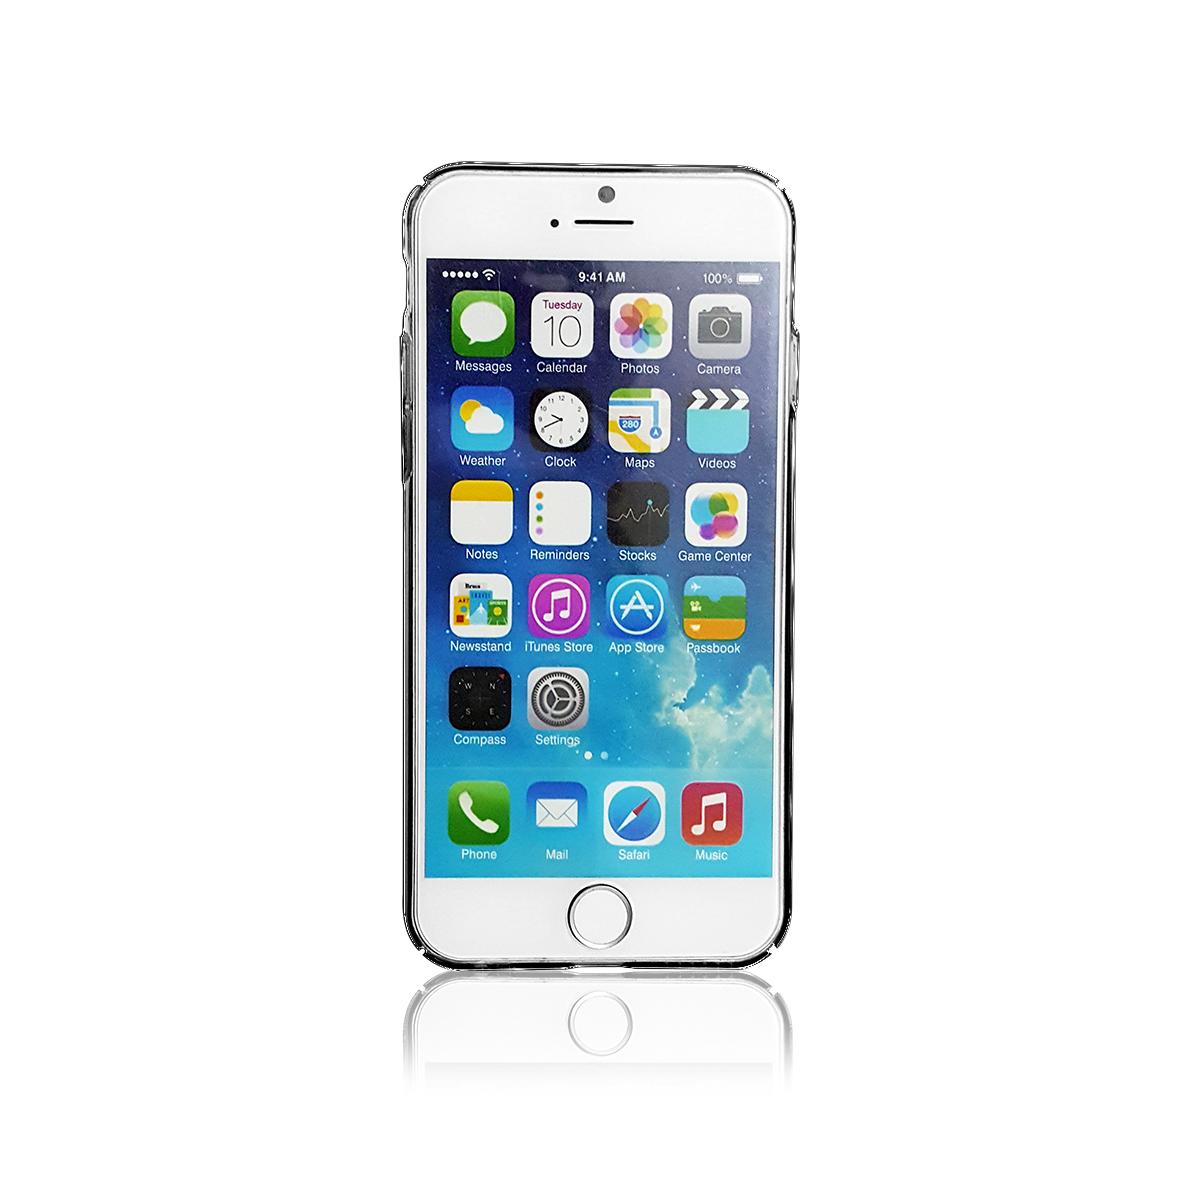 Ốp lưng iPhone 6/6S Tuxedo Mirage (nhựa cứng cao cấp, trong suốt, đàn hồi, chống va đập)